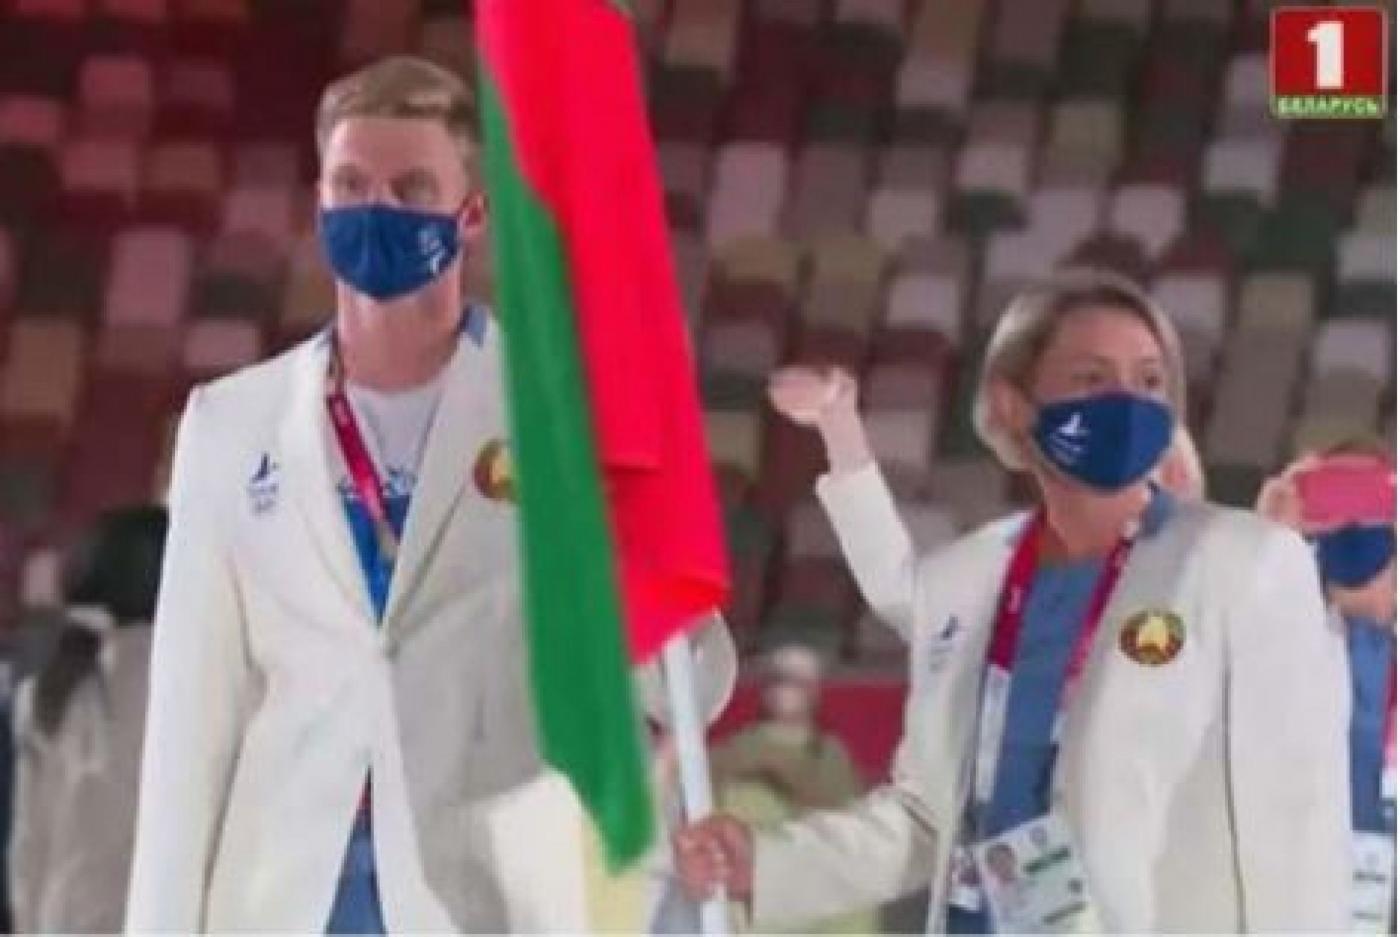 Выпускник ФТУГ – знаменосец белорусской делегации на XXXII летних Олимпийских играх